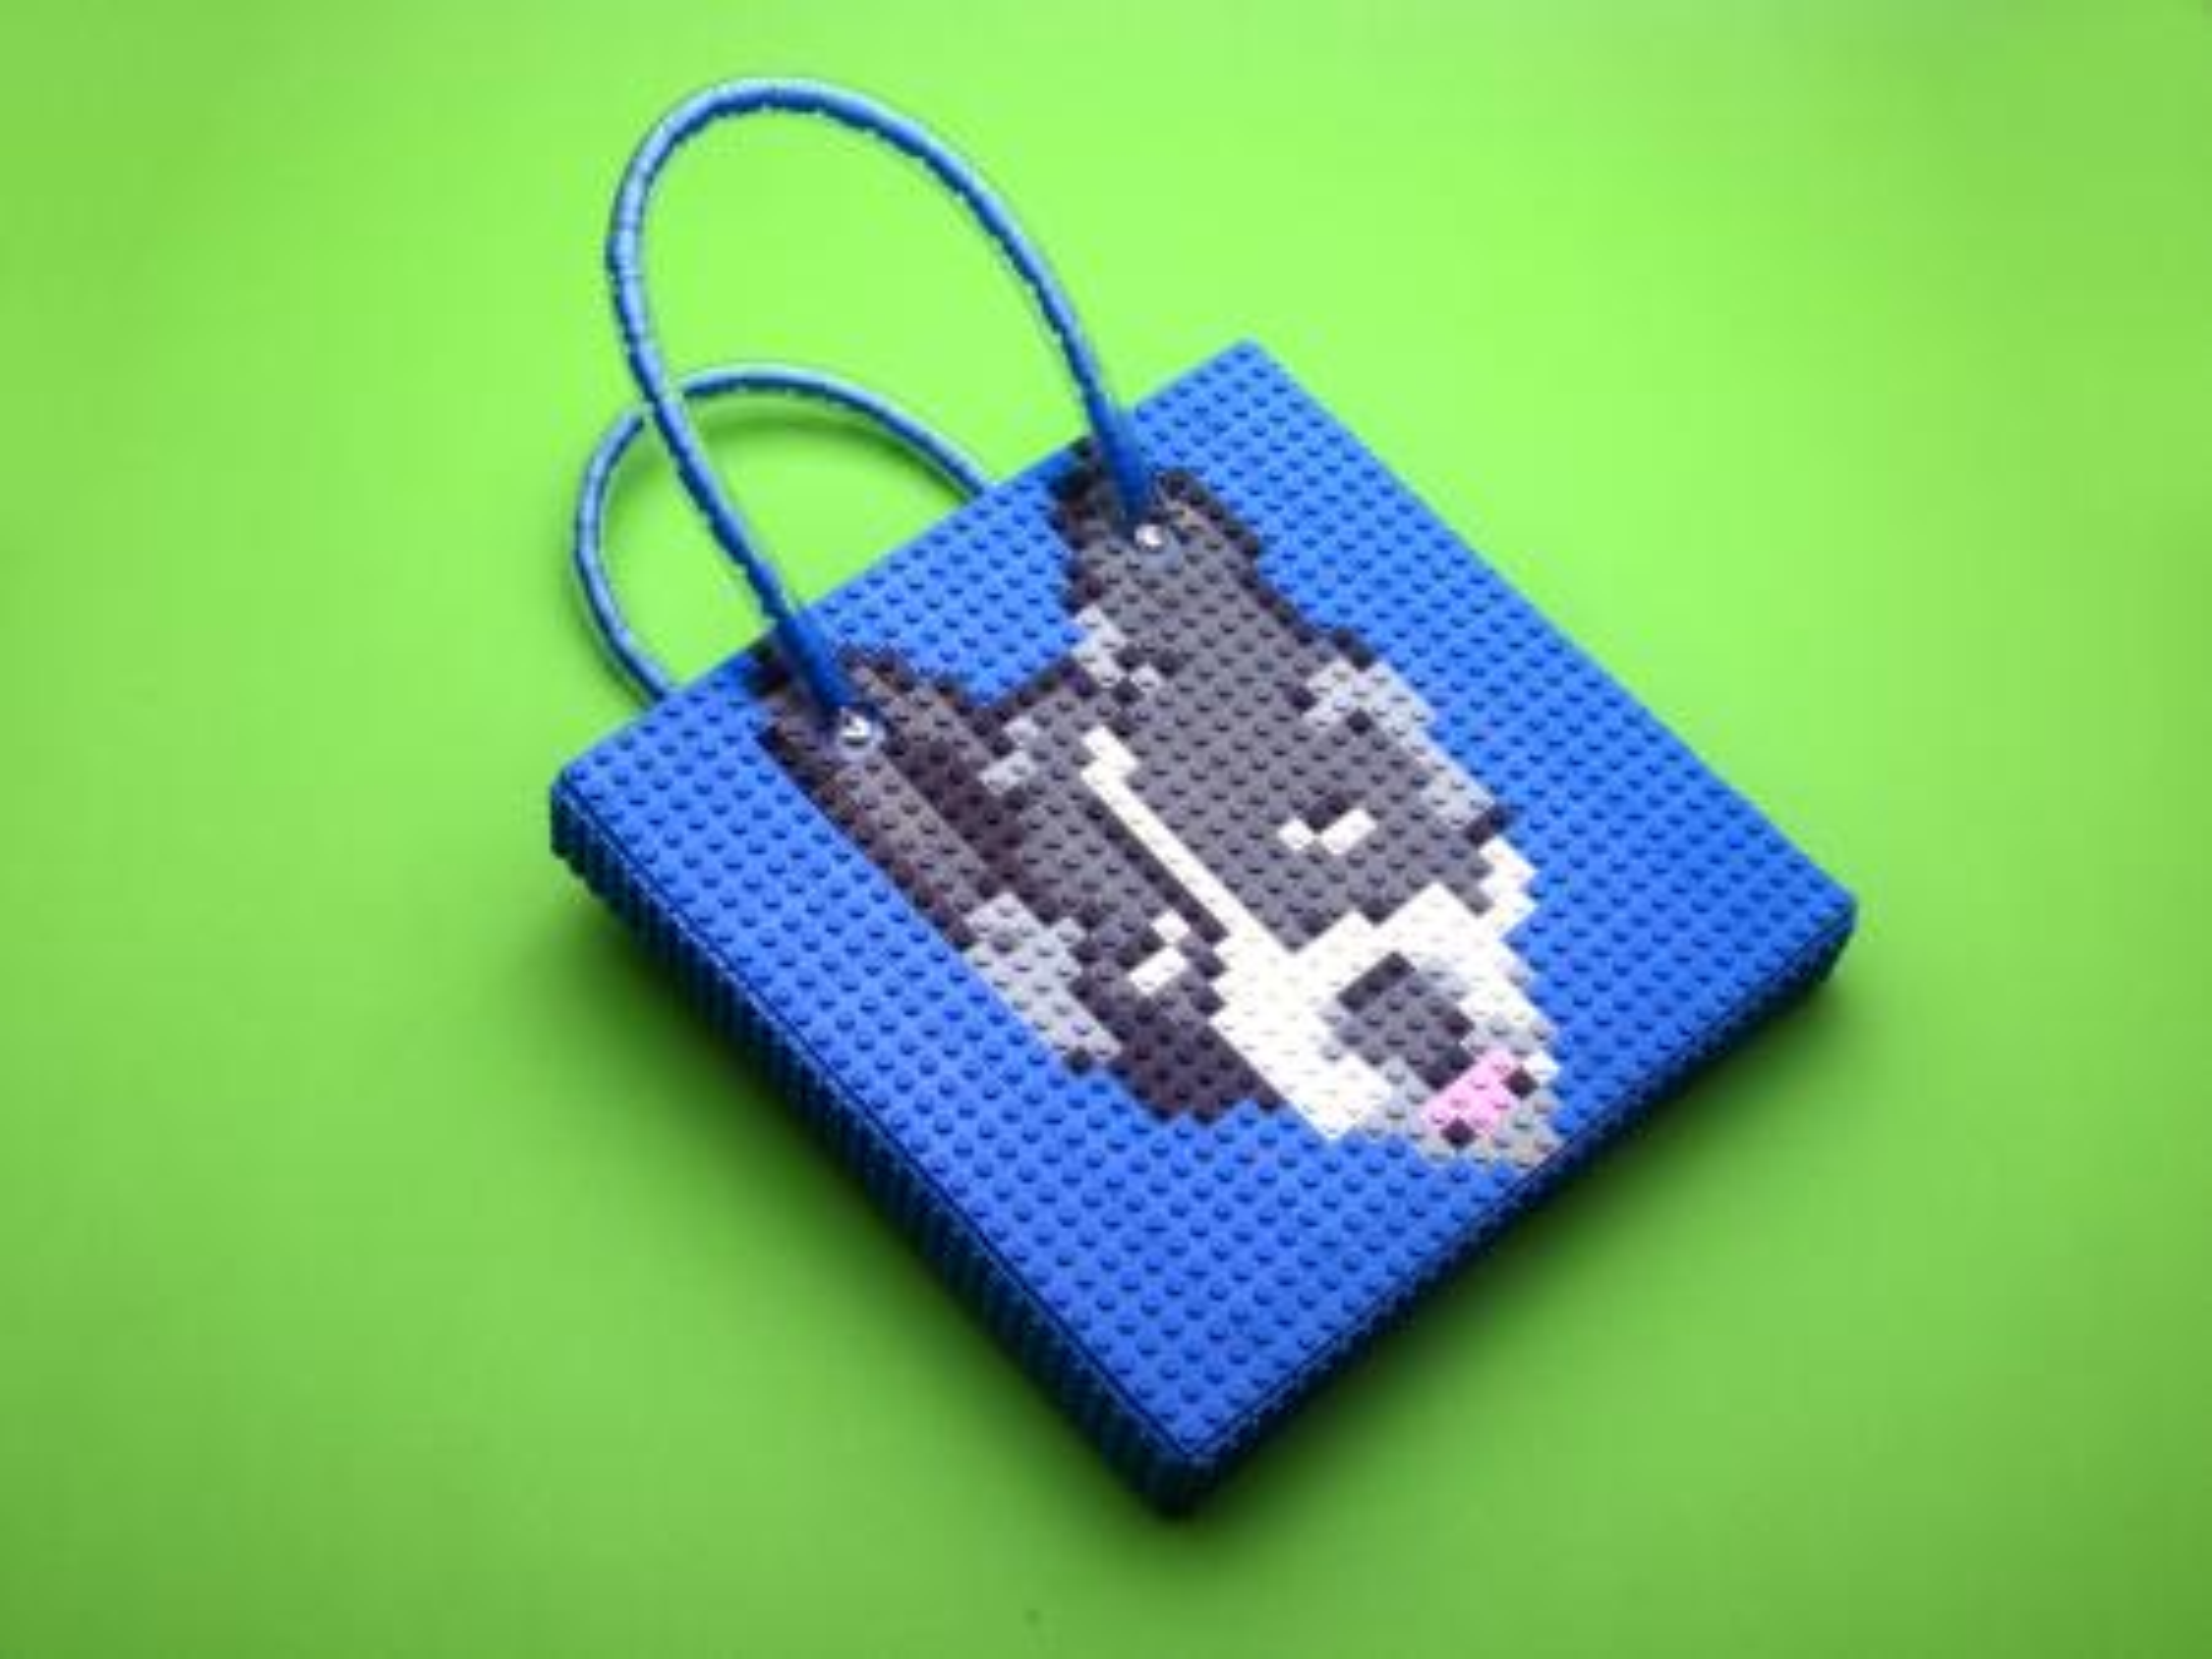 lego handbag purse clutch